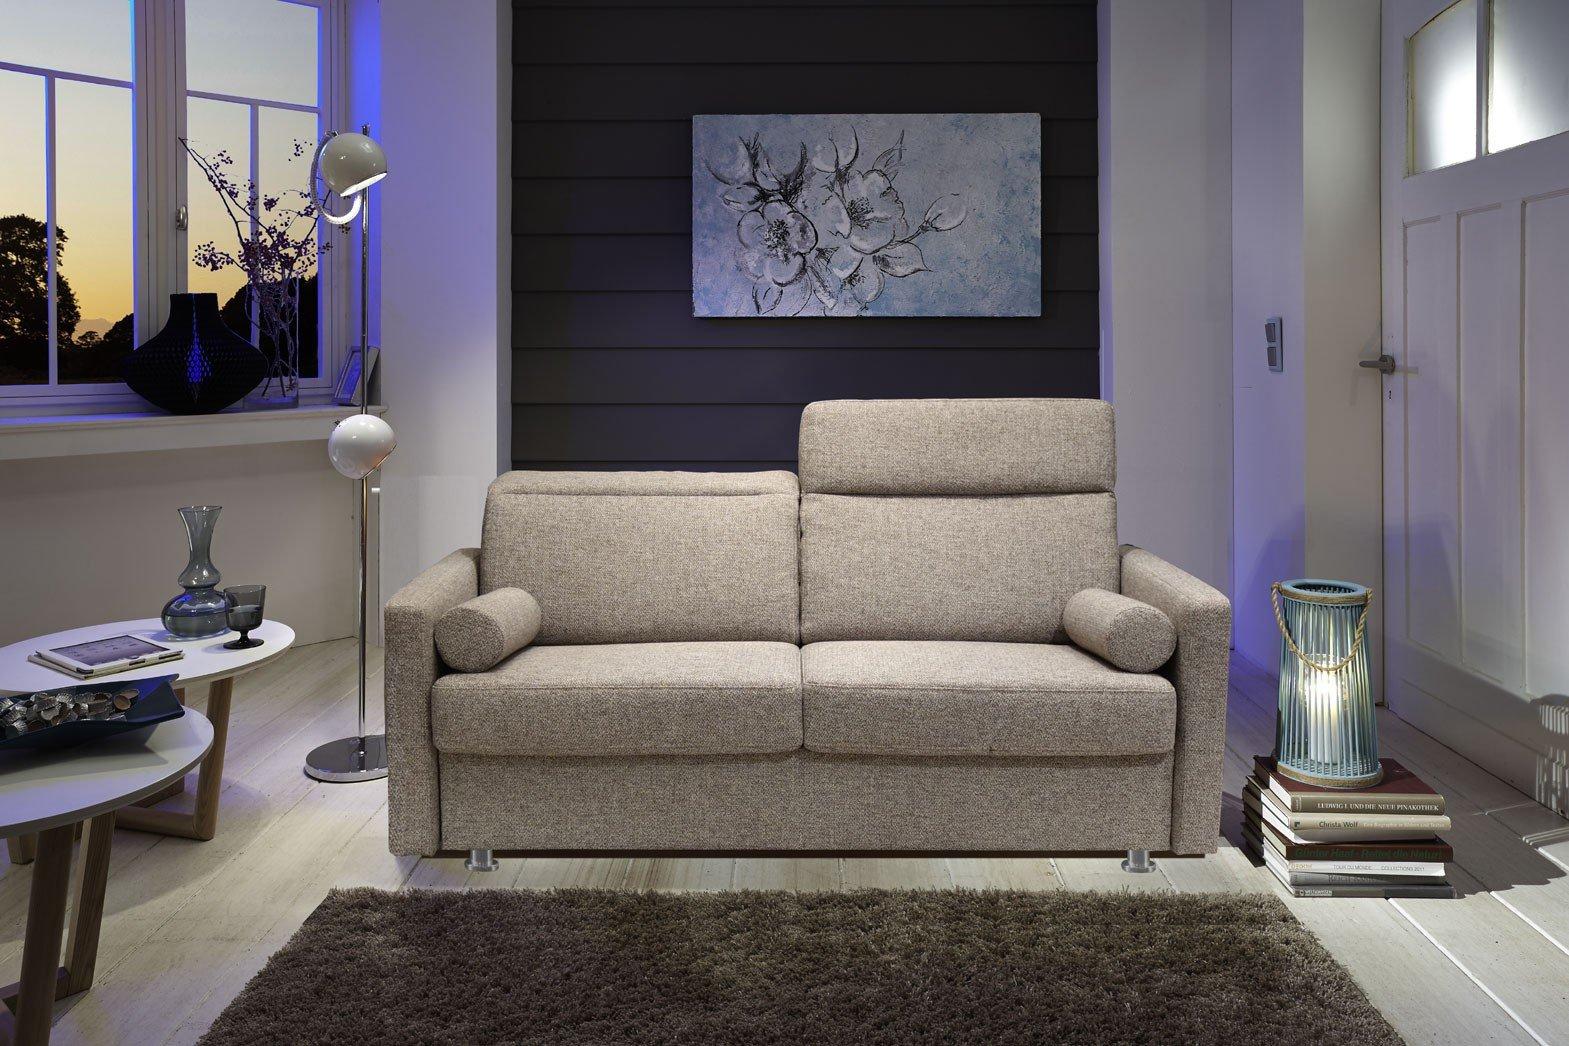 sch n elefant gartenm bel fotos die besten einrichtungsideen. Black Bedroom Furniture Sets. Home Design Ideas